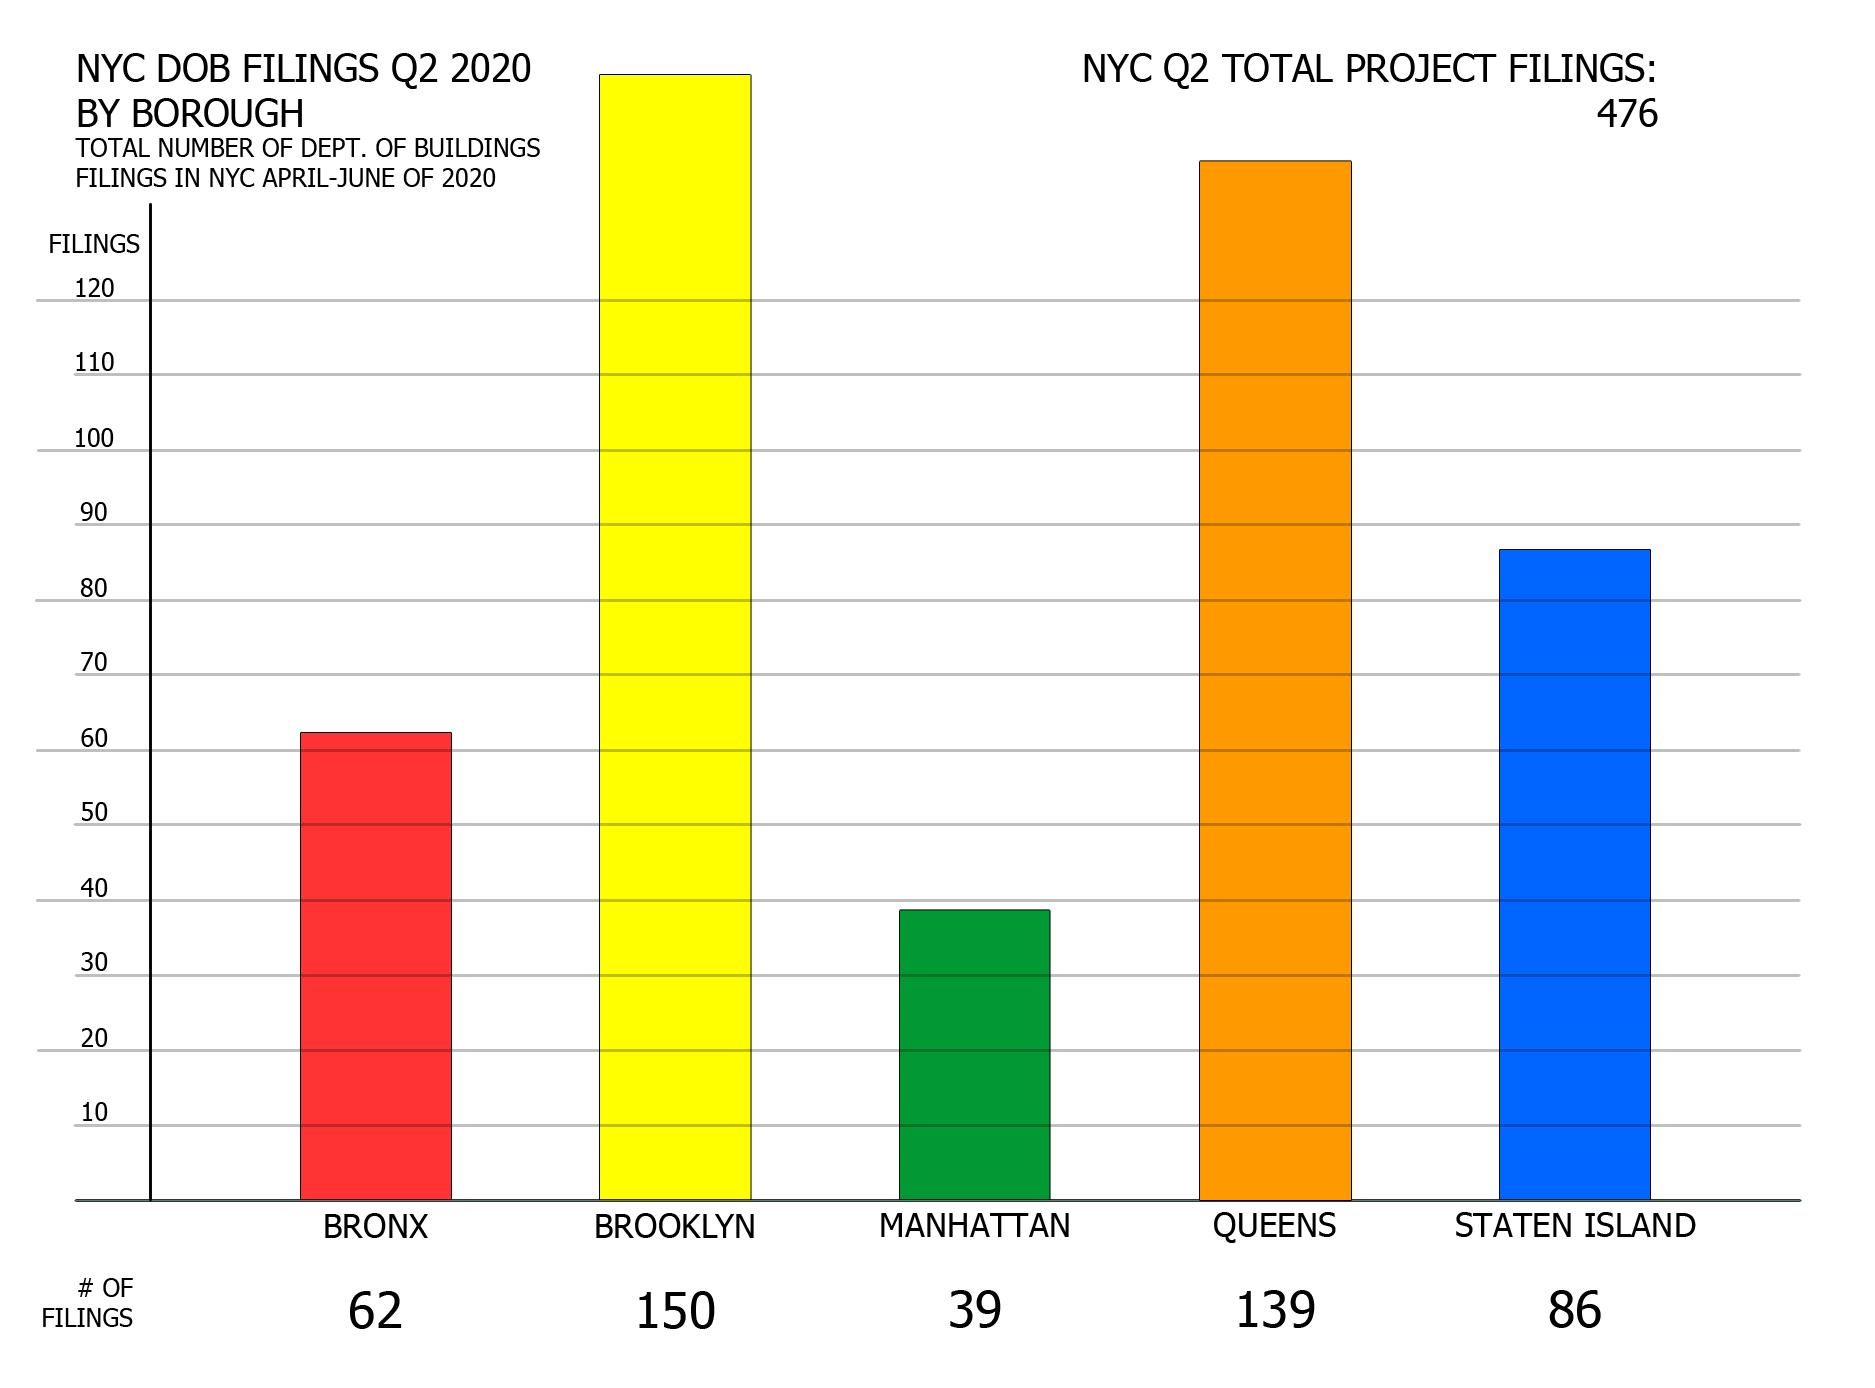 NYC Q2 2020 filings - Number of filings per borough. Image credit: Vitali Ogorodnikov